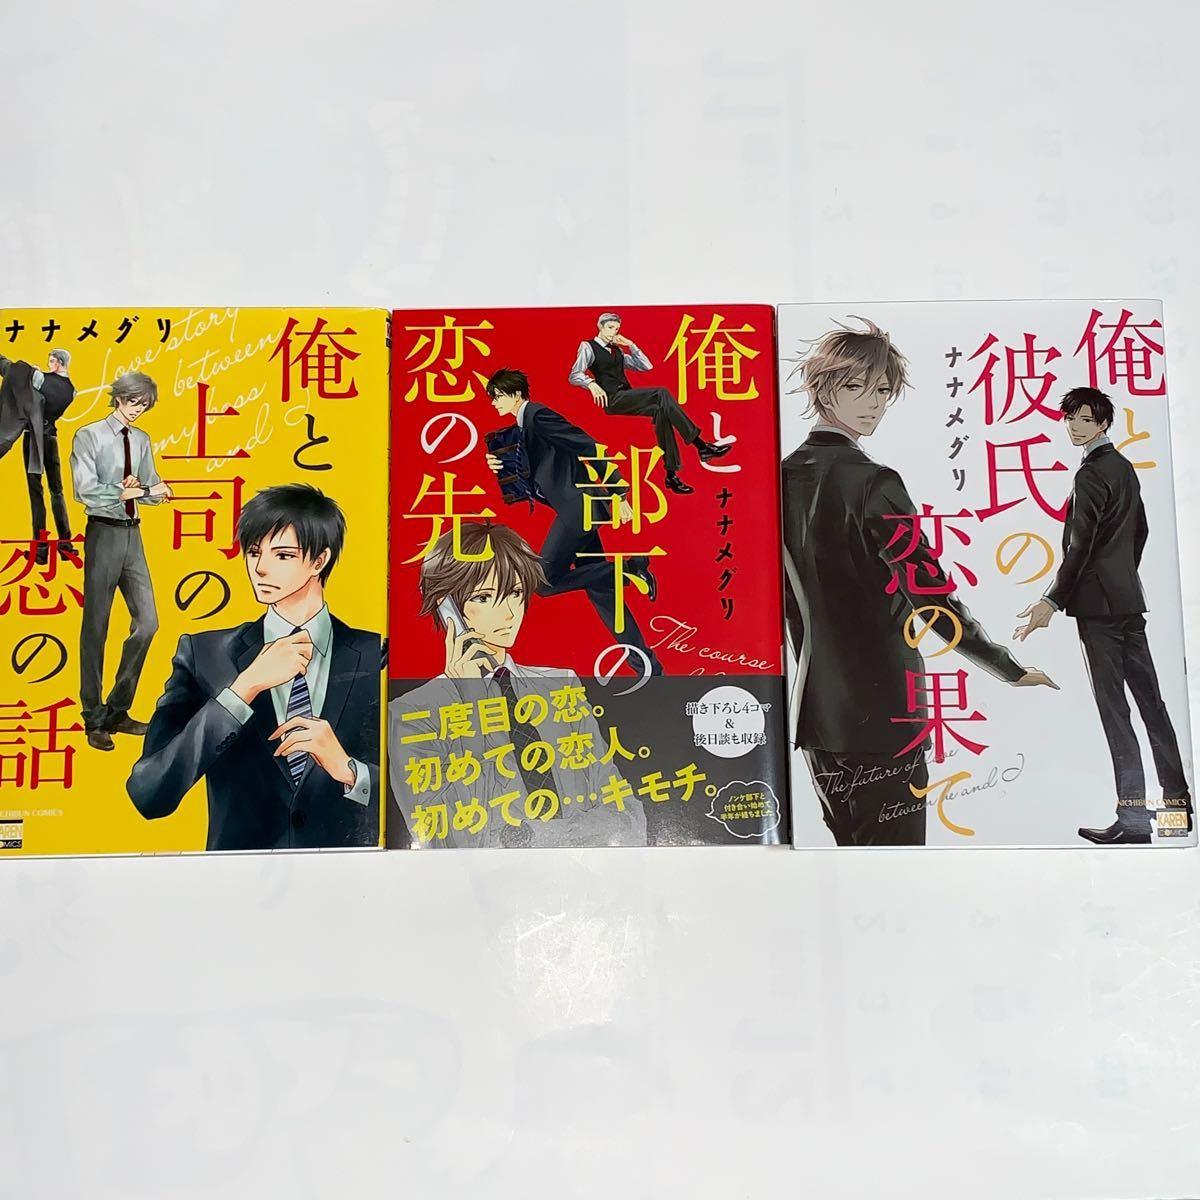 BLコミック 俺と上司の恋の話 俺と部下の恋の先 俺と彼氏の恋の果て /ナナメグリ 3冊セット